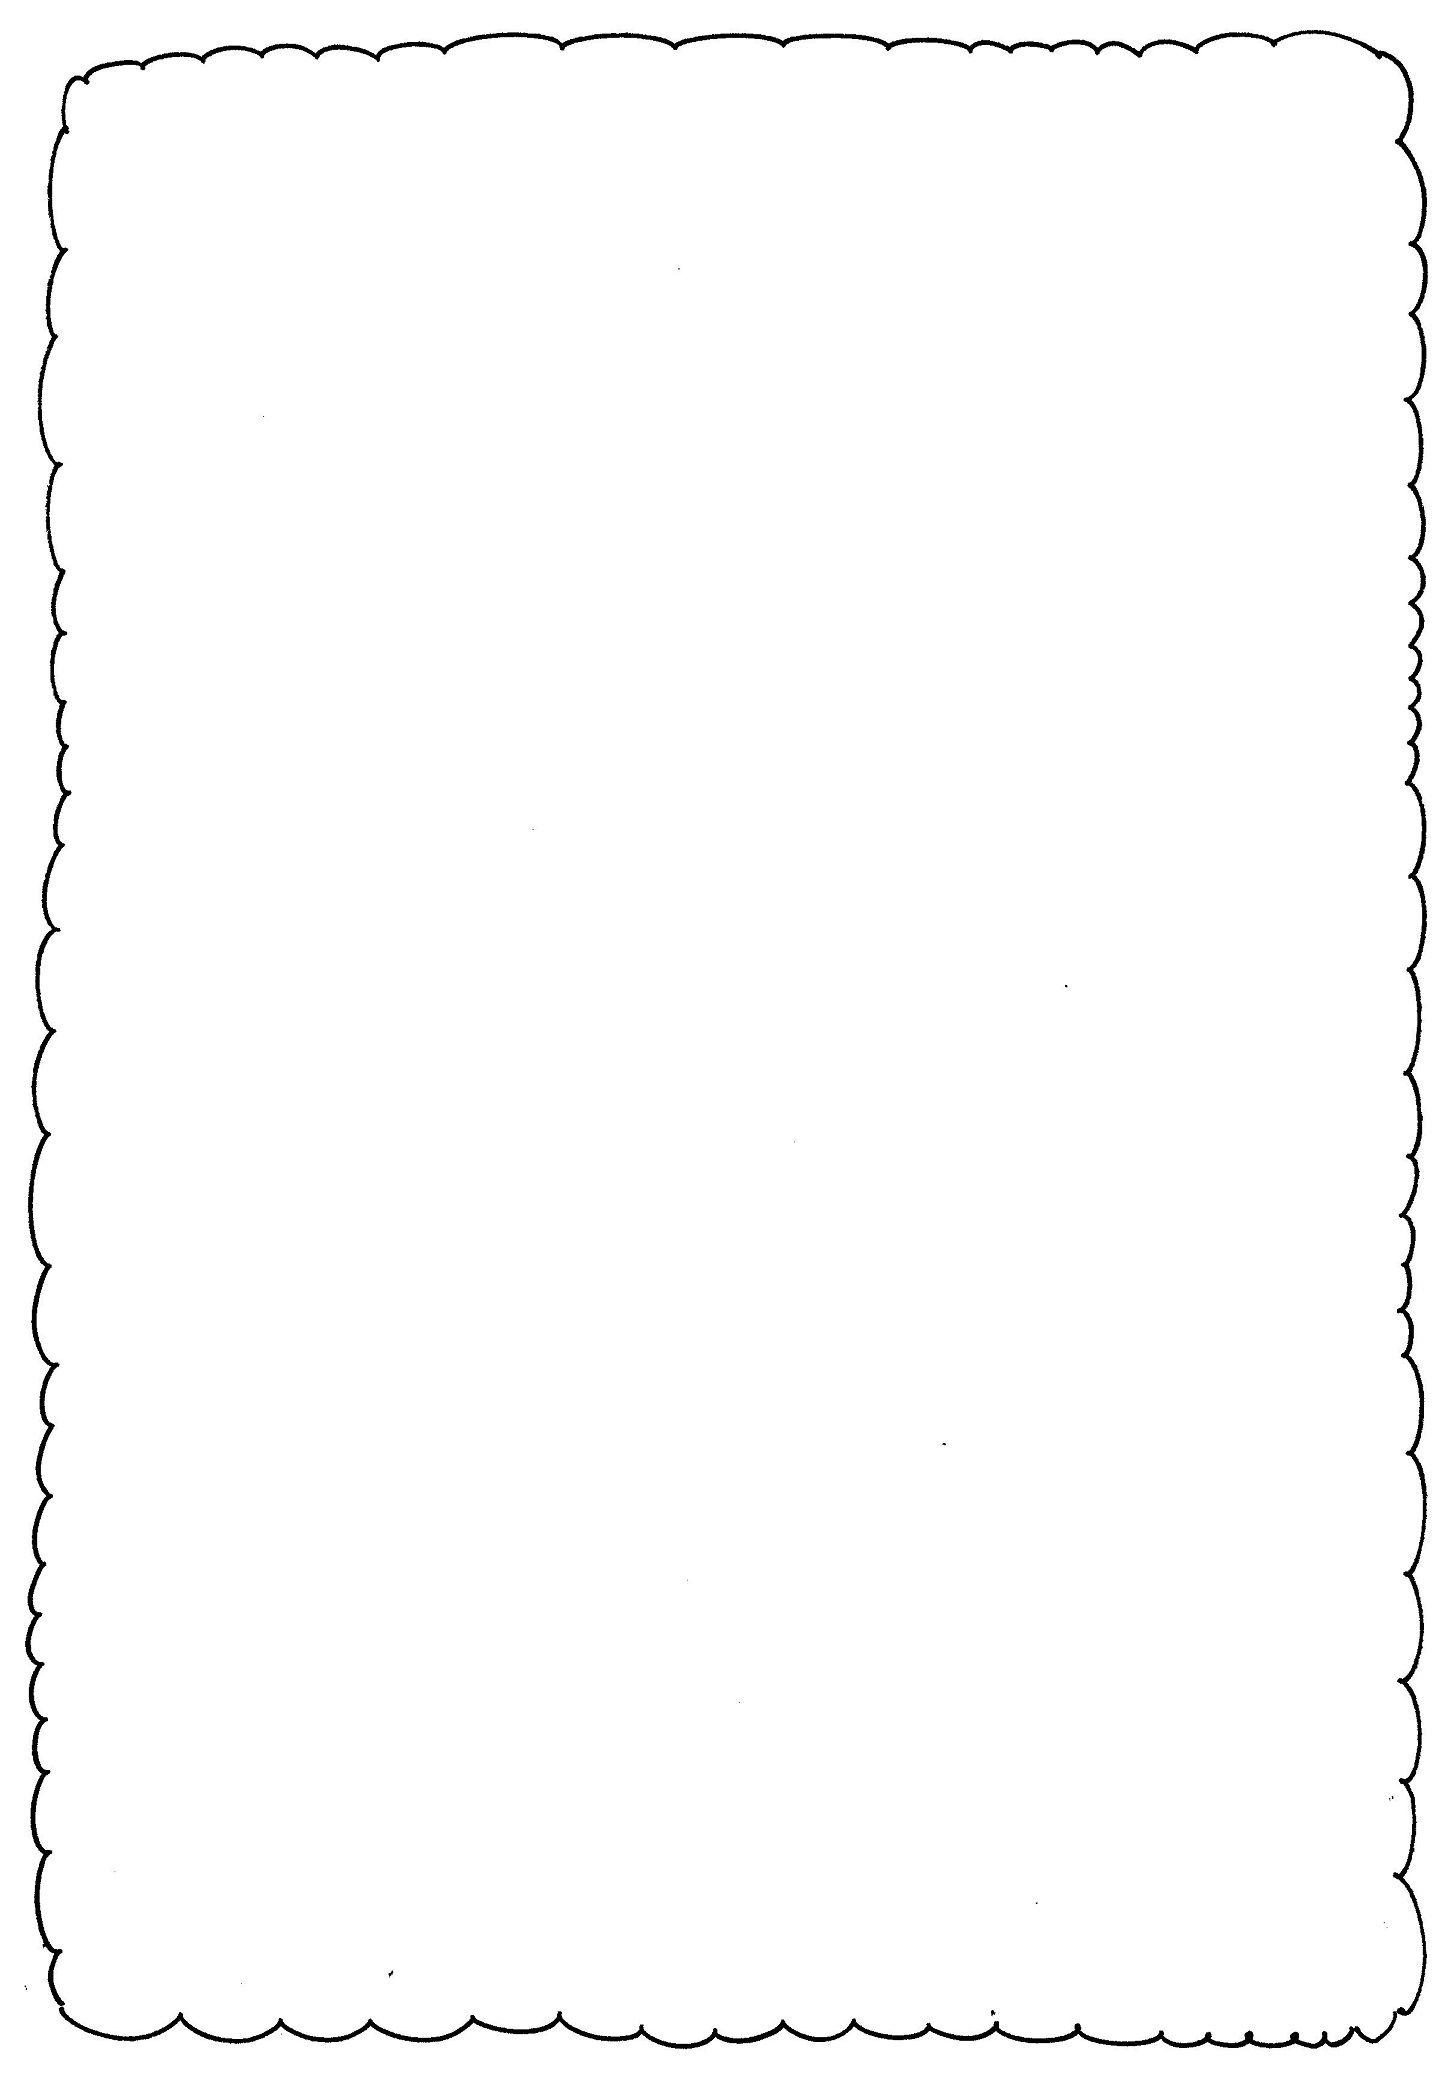 Cadre Bordure cadres et bordures | pochoir | pinterest | planners, cards and patterns